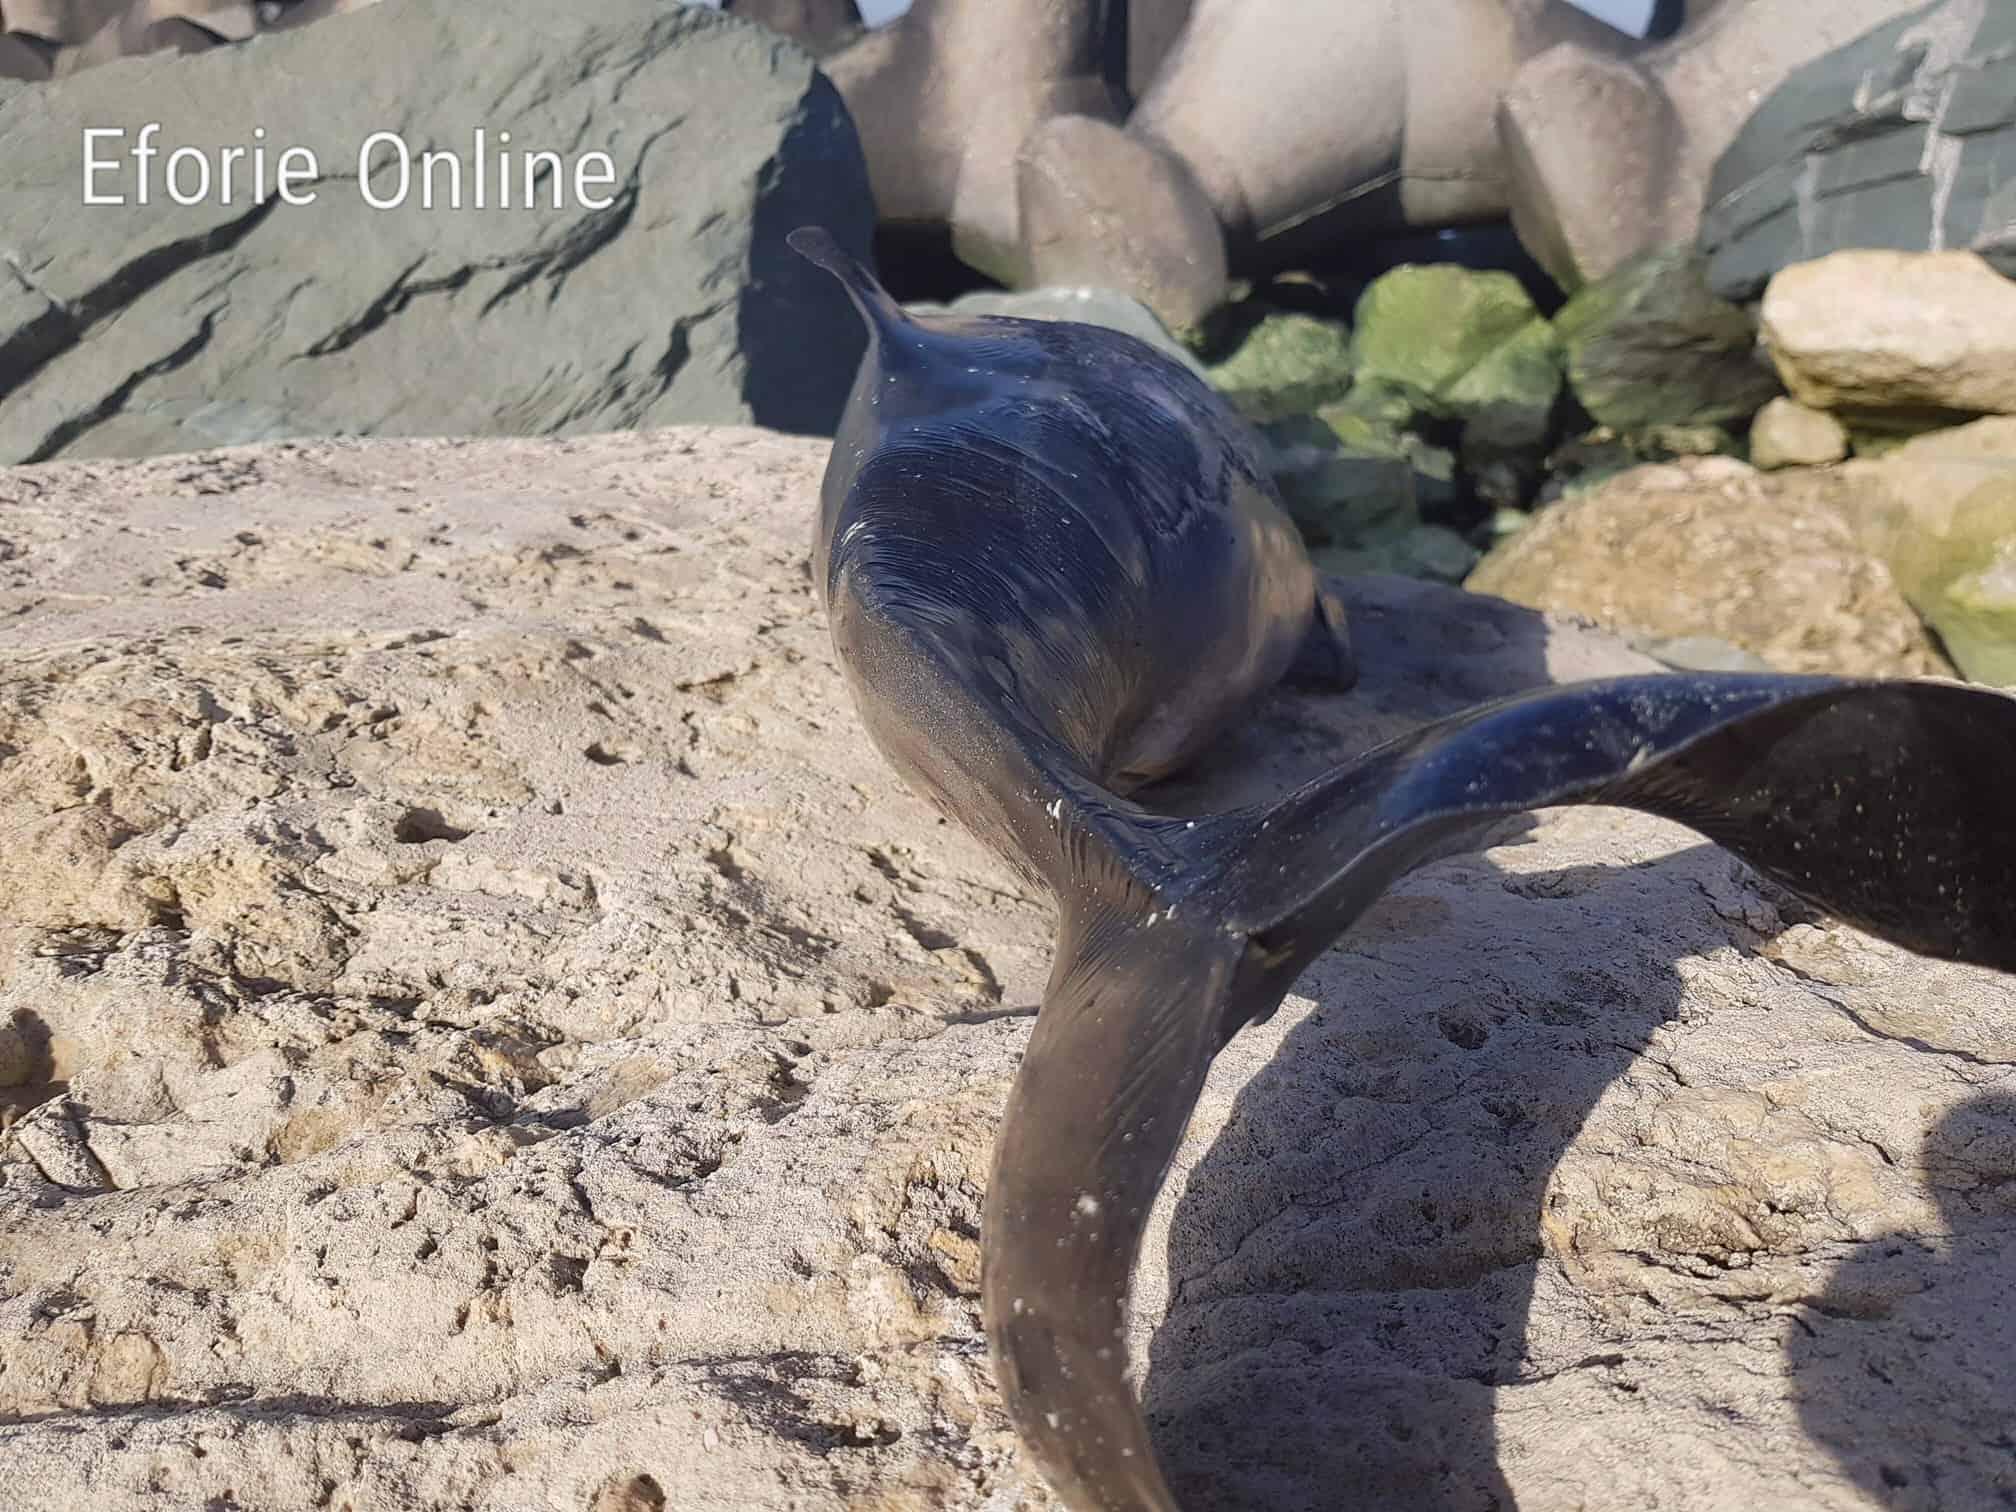 delfin esuat eforie_5687